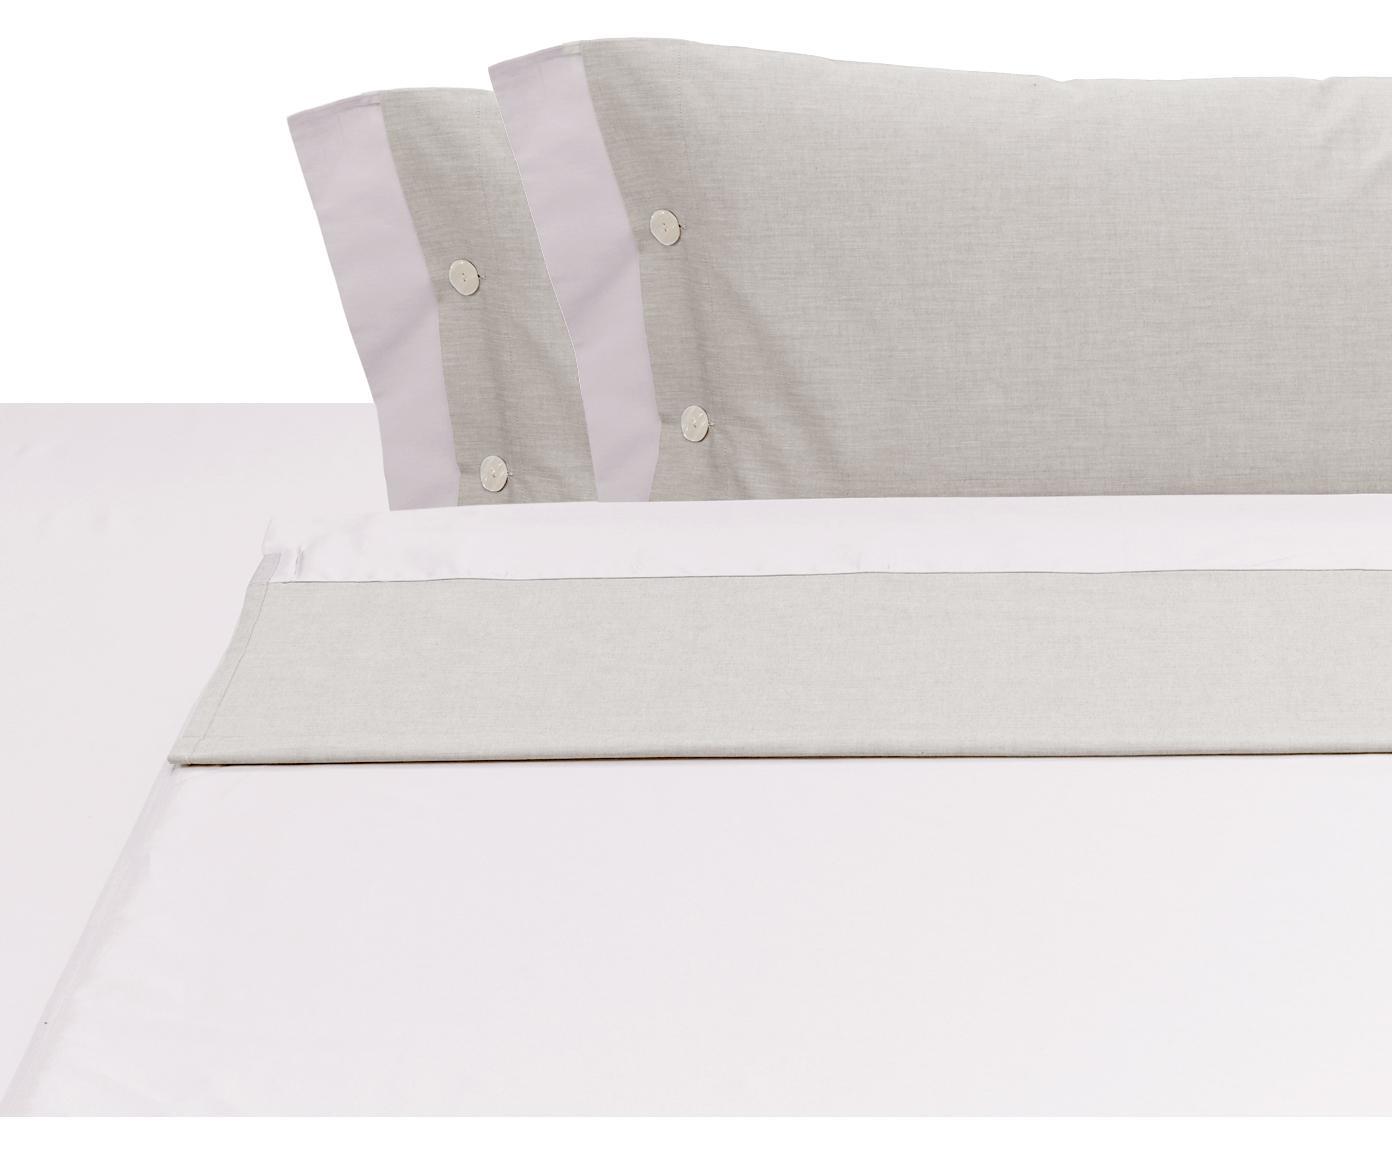 Set lenzuola in raso di cotone Charme, 4 pz, Raso di cotone, Beige, 250 x 290 cm